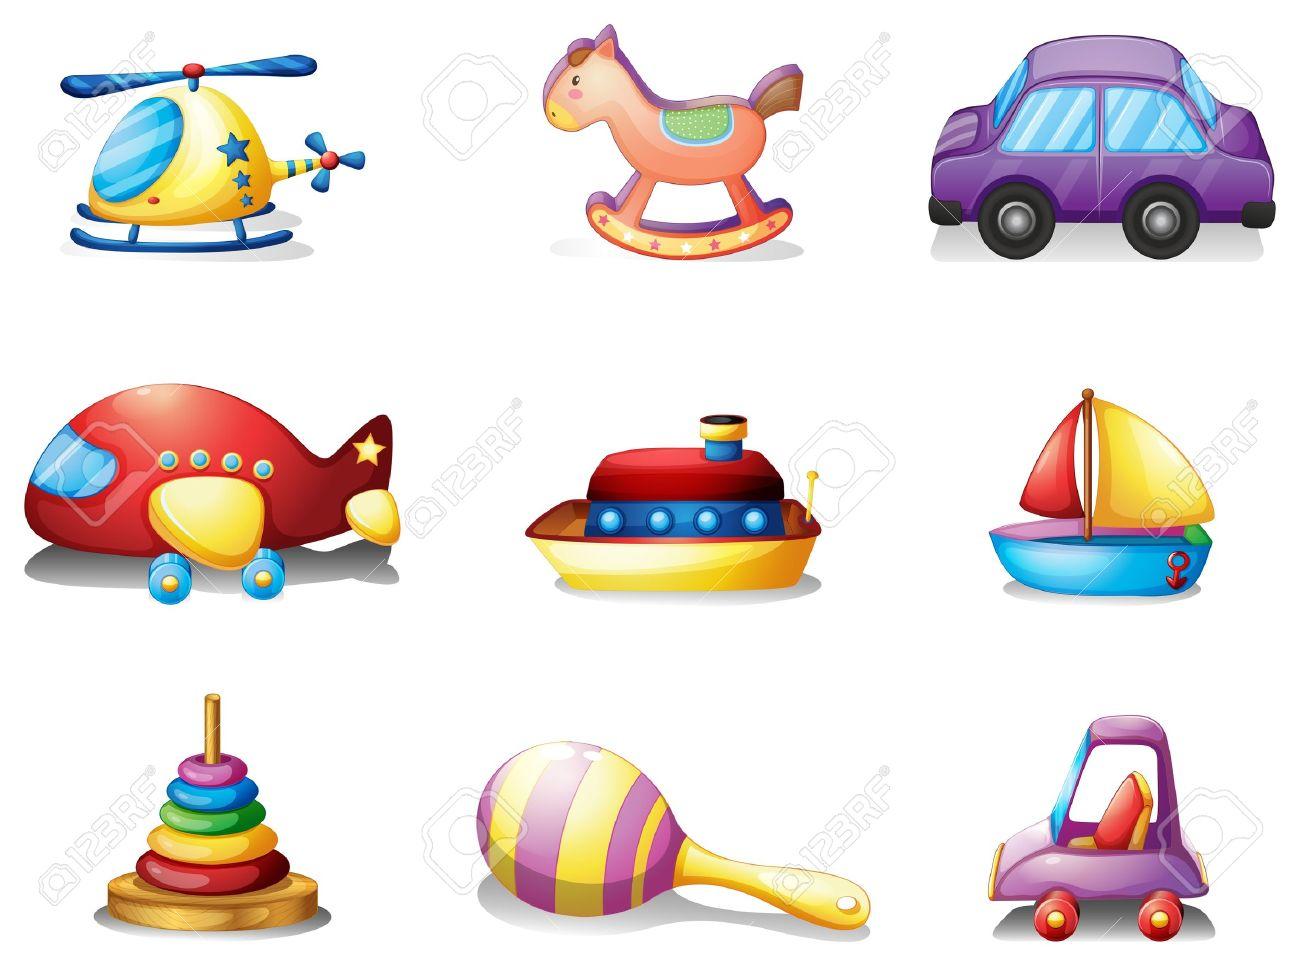 18610458-Illustrazione-dei-nove-diversi-tipi-di-giocattoli-su-uno-sfondo-bianco-Archivio-Fotografico